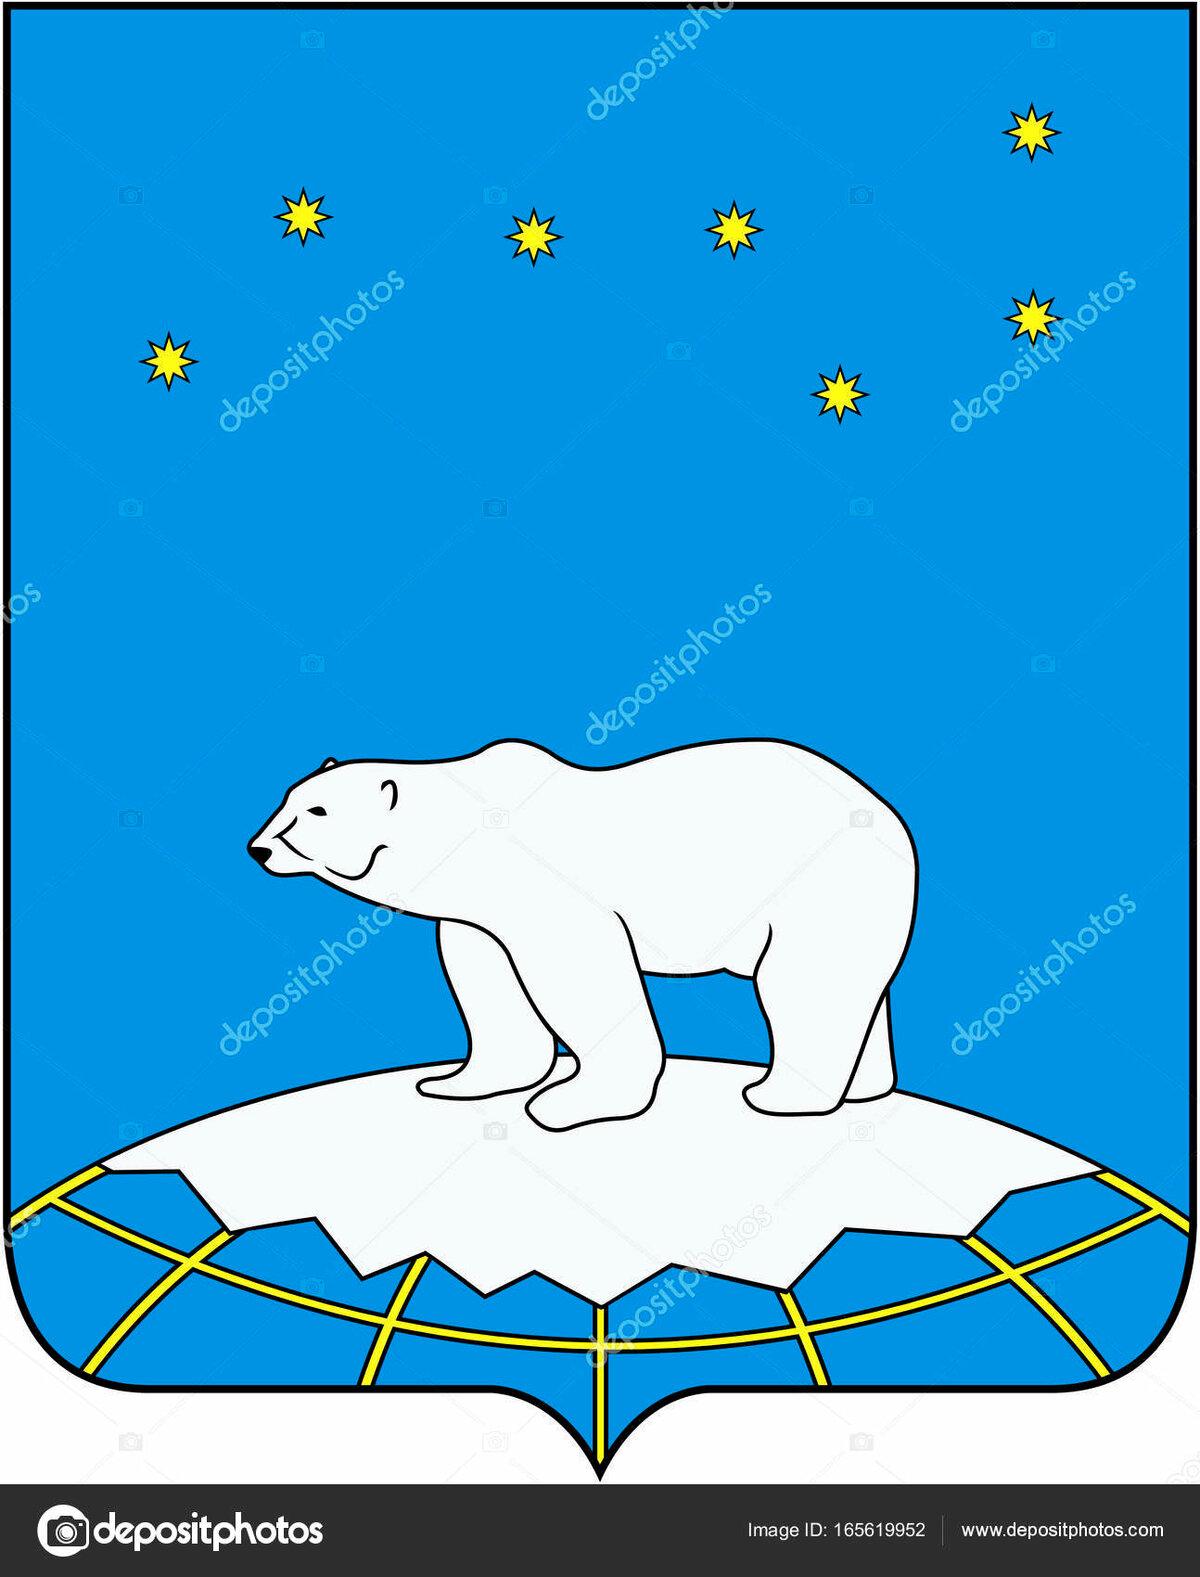 картинки о том как появилась большая медведица особо радует